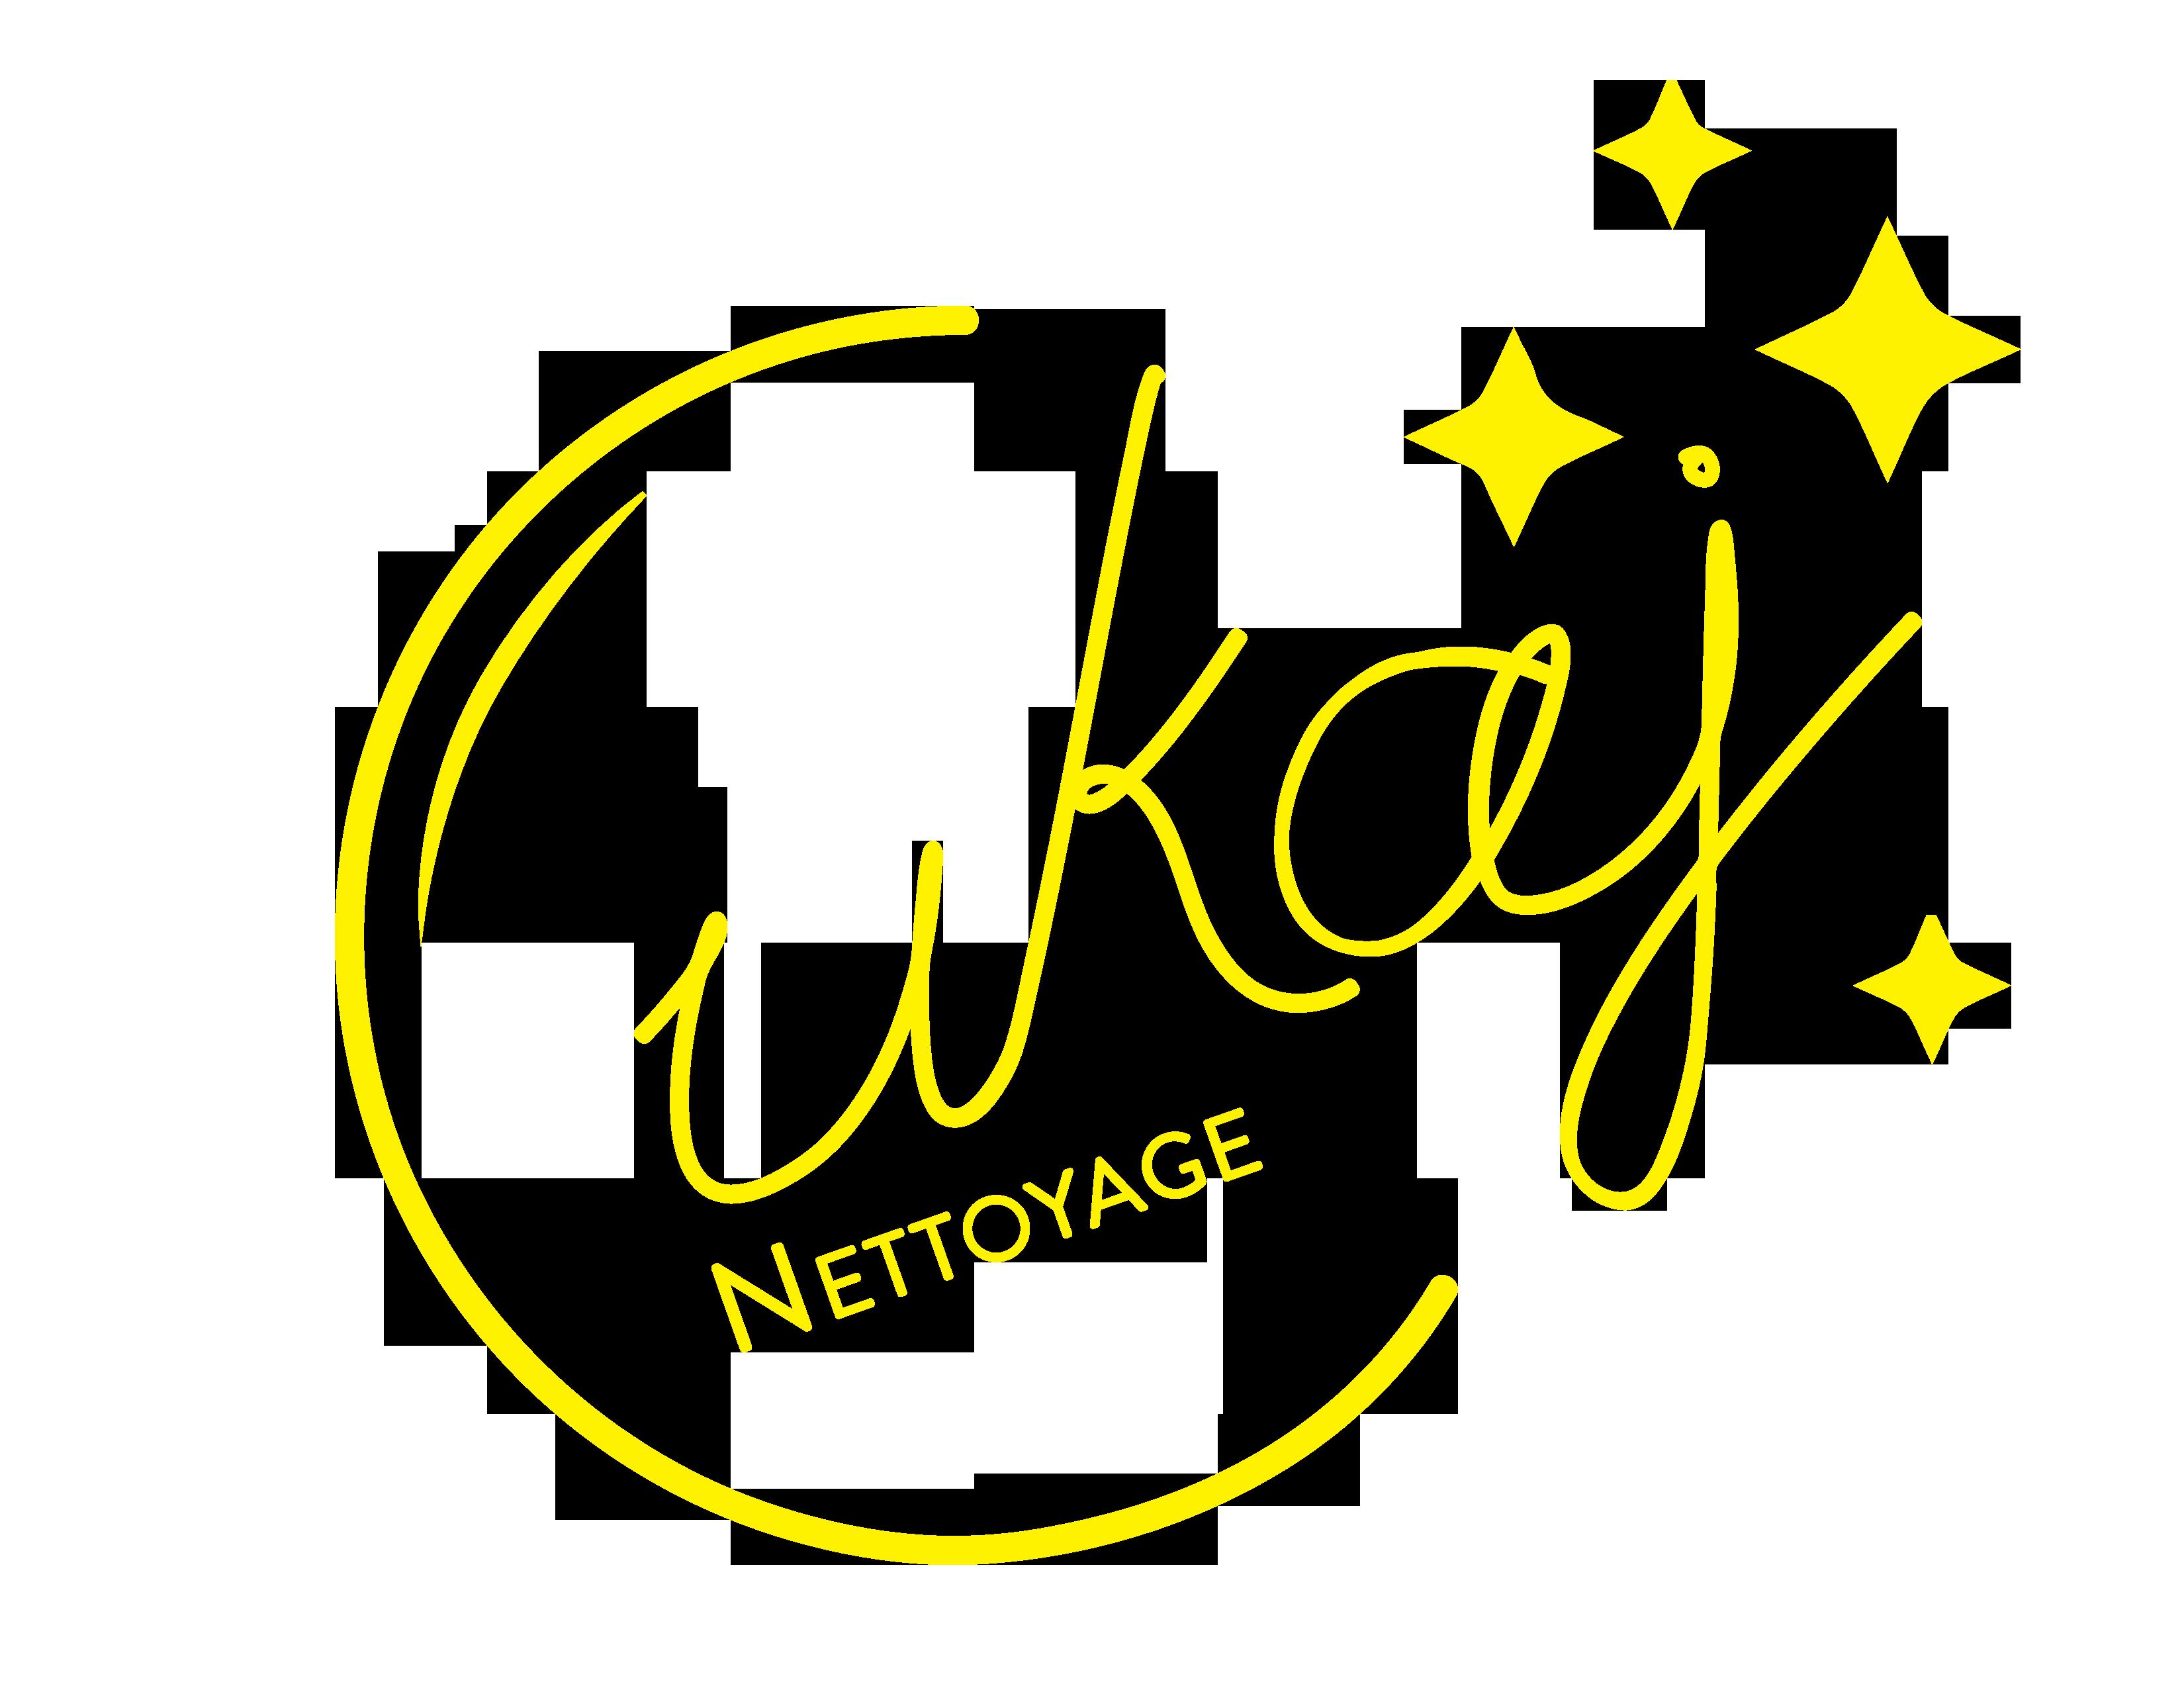 Cukaj Nettoyage